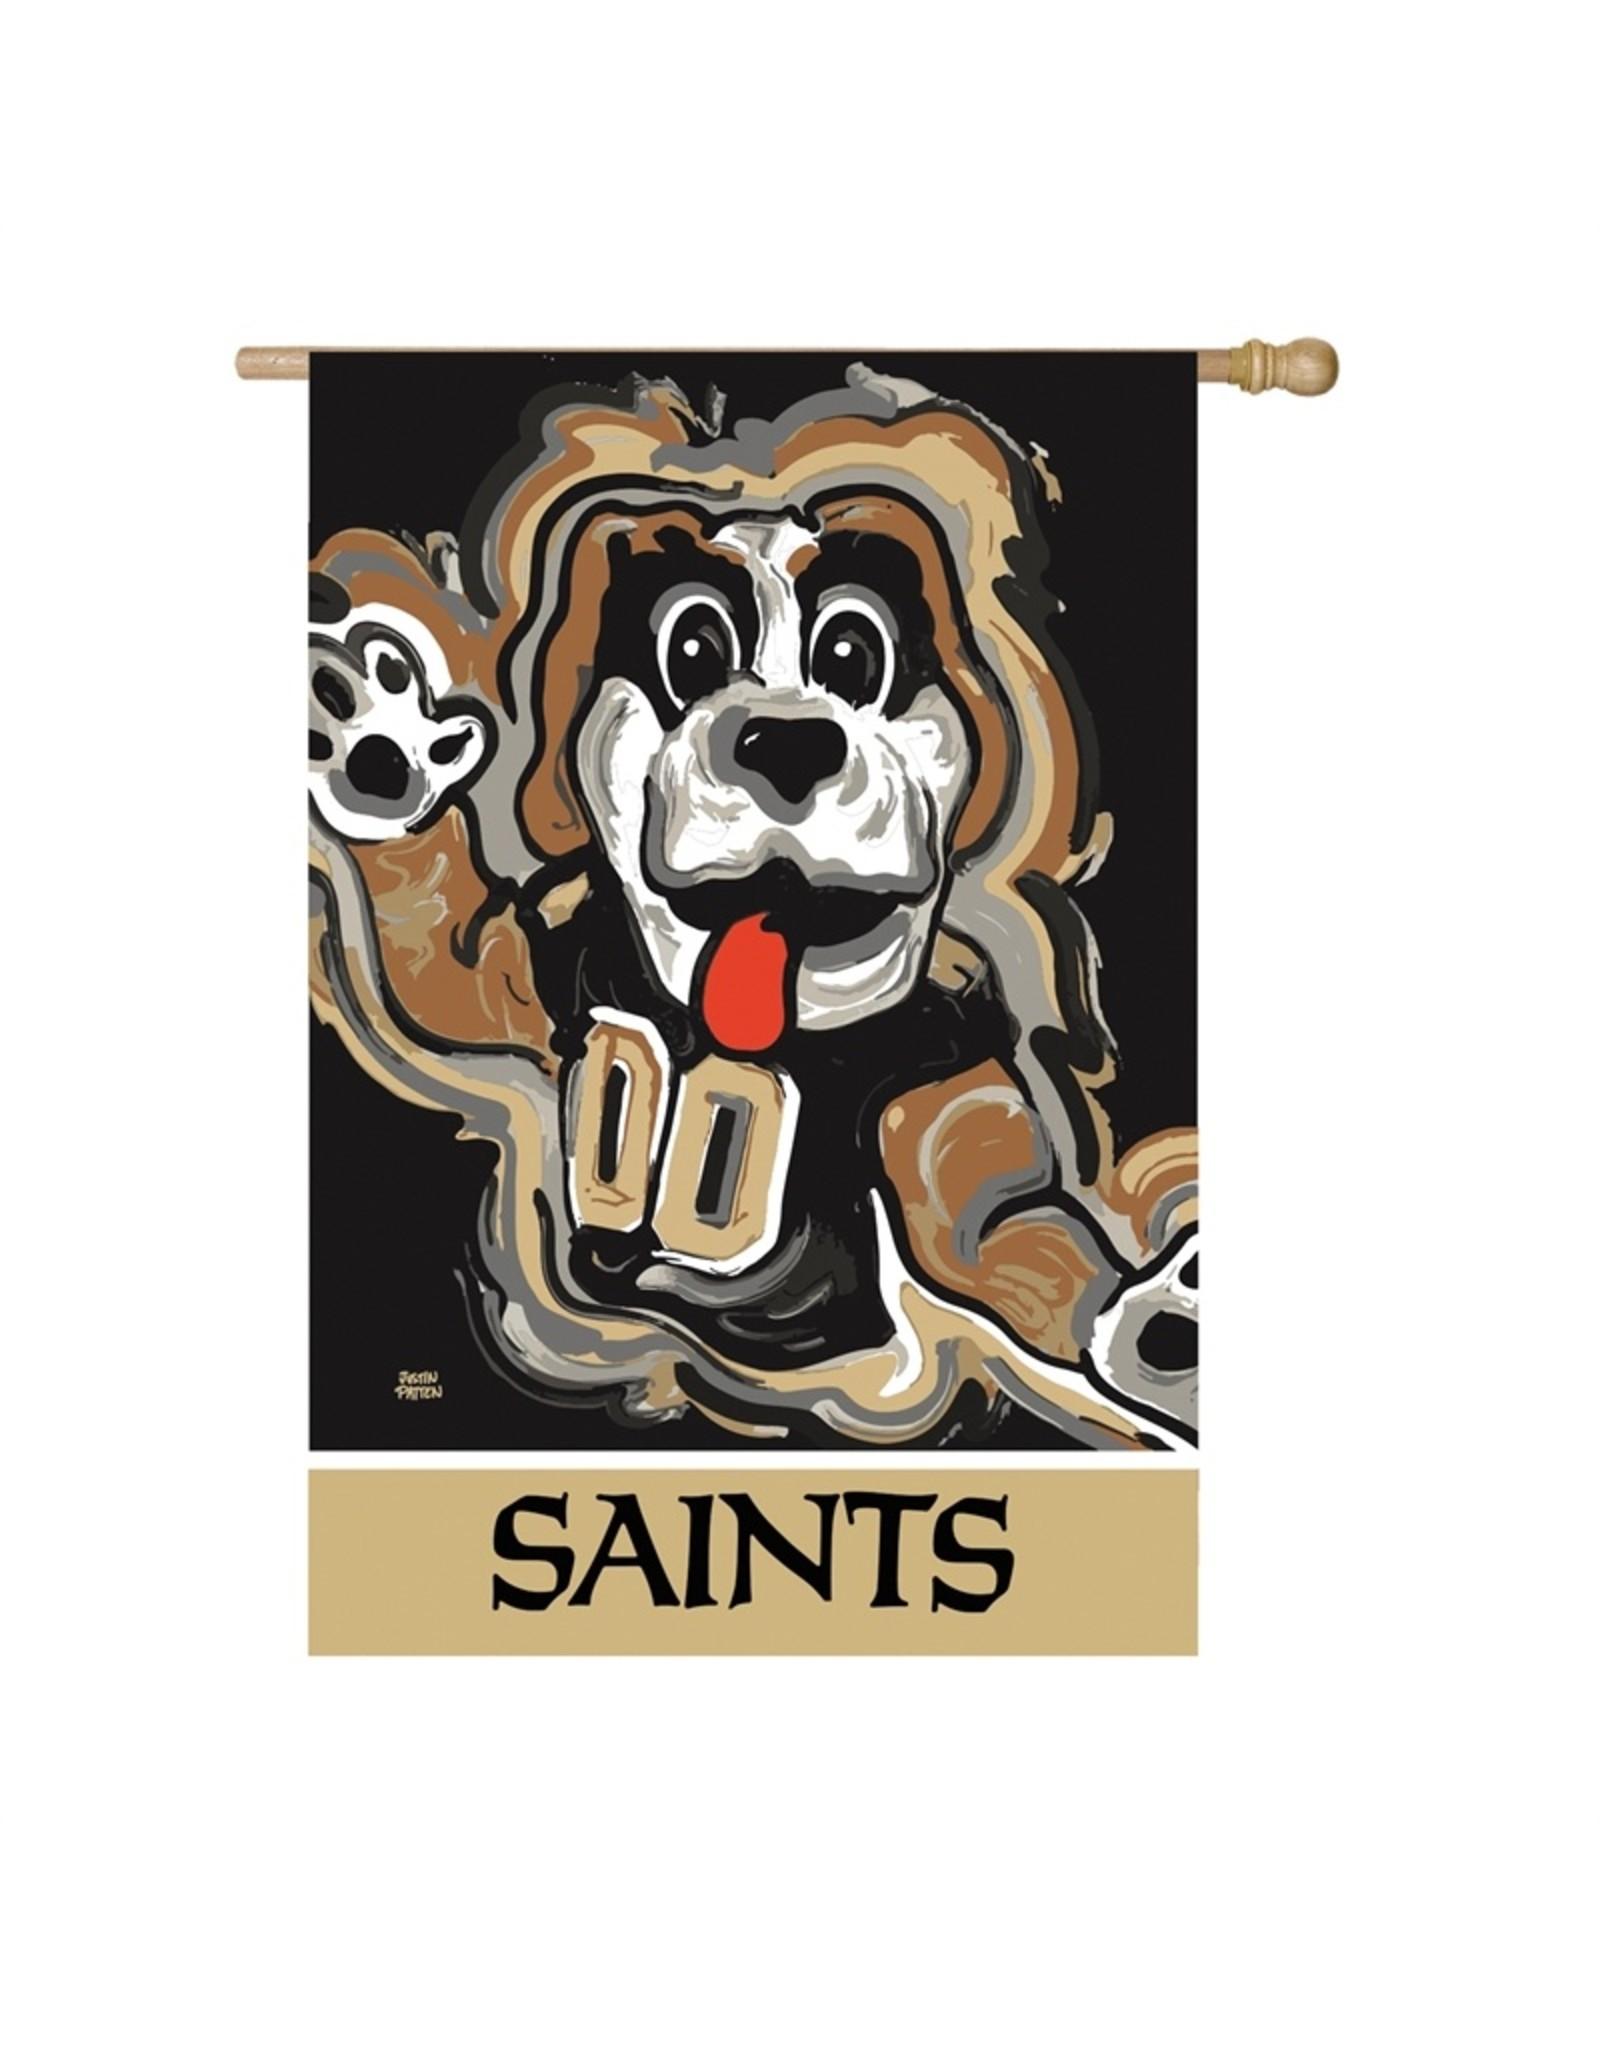 Evergreen Enterprises New Orleans Saints, Suede Justin Patten